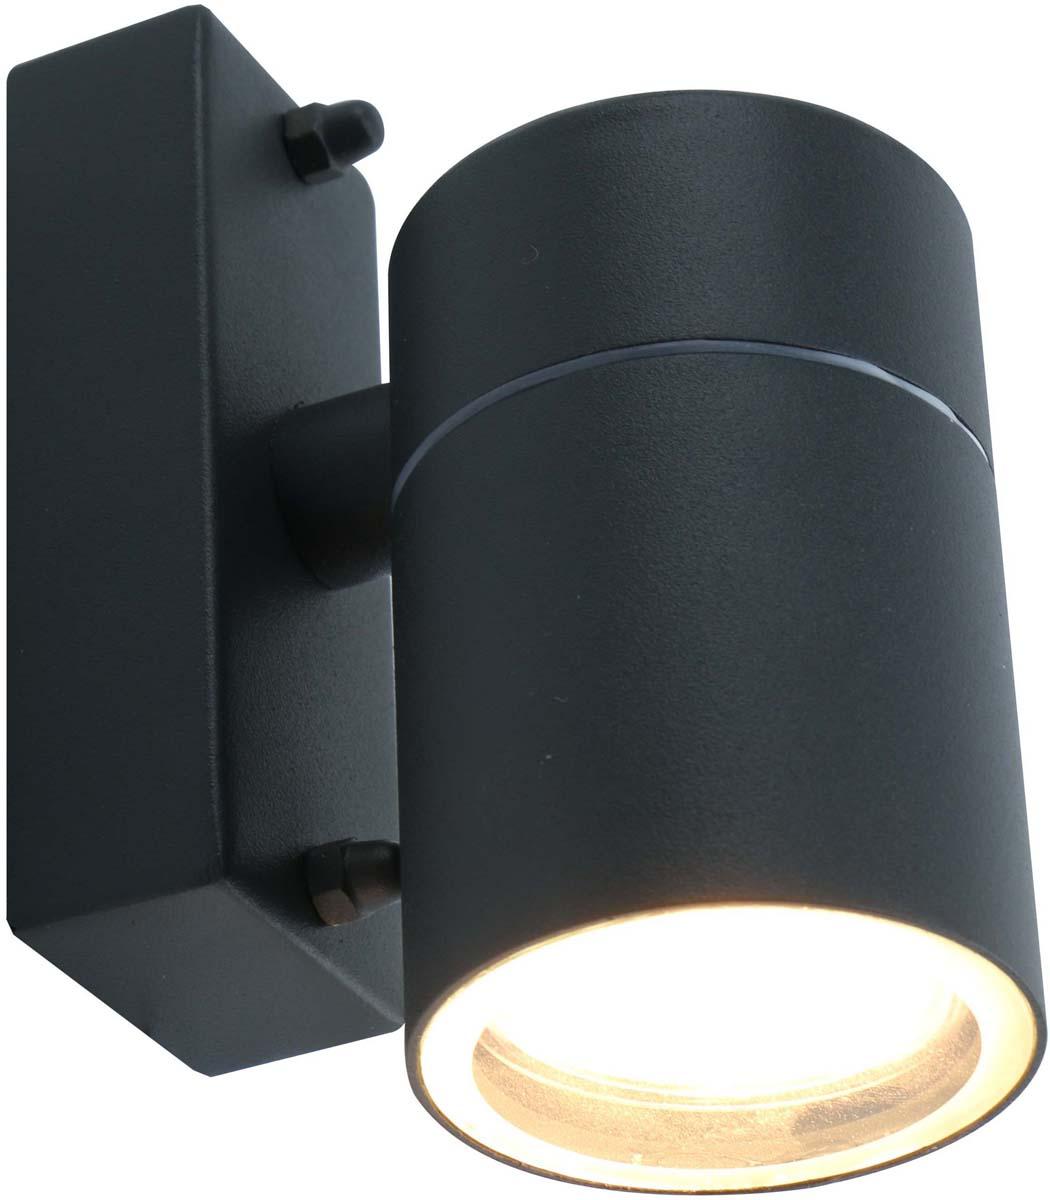 Светильник уличный Arte Lamp Mistero, цвет: серый, 1 х GU10, 50 W. A3302AL-1GY